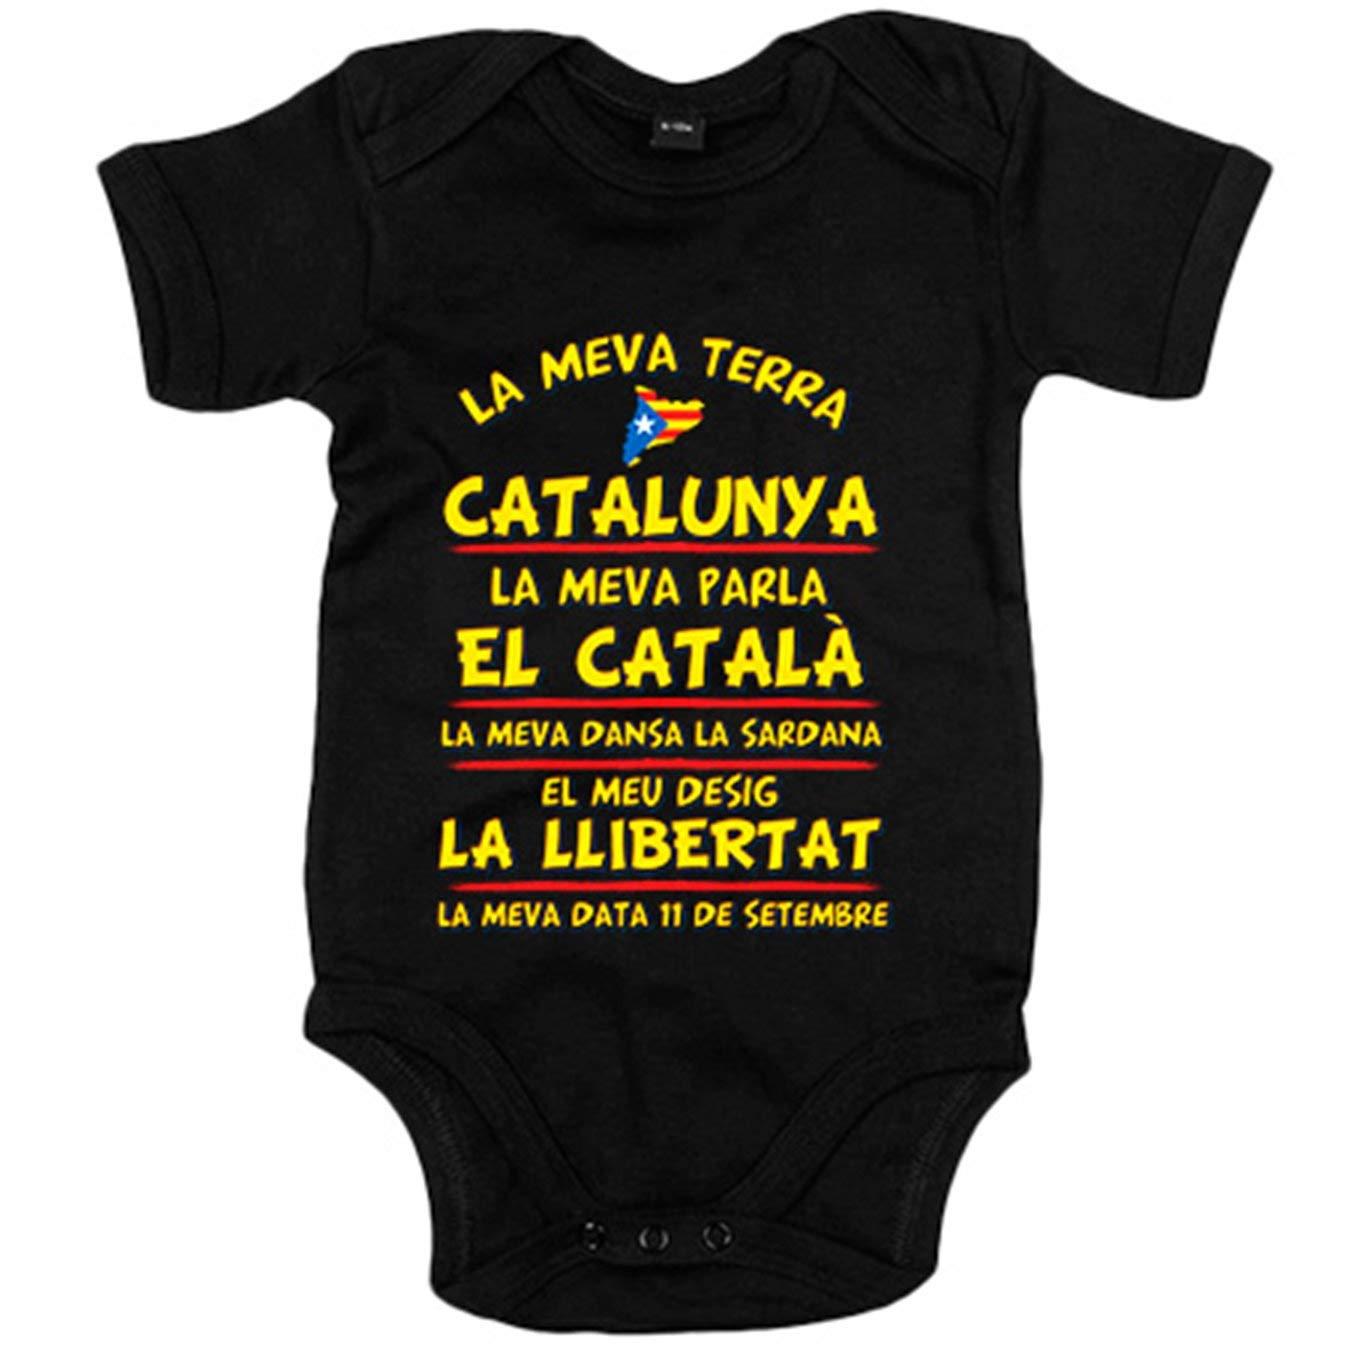 Body bebé La meva terra Catalunya - Blanco, 6-12 meses ...